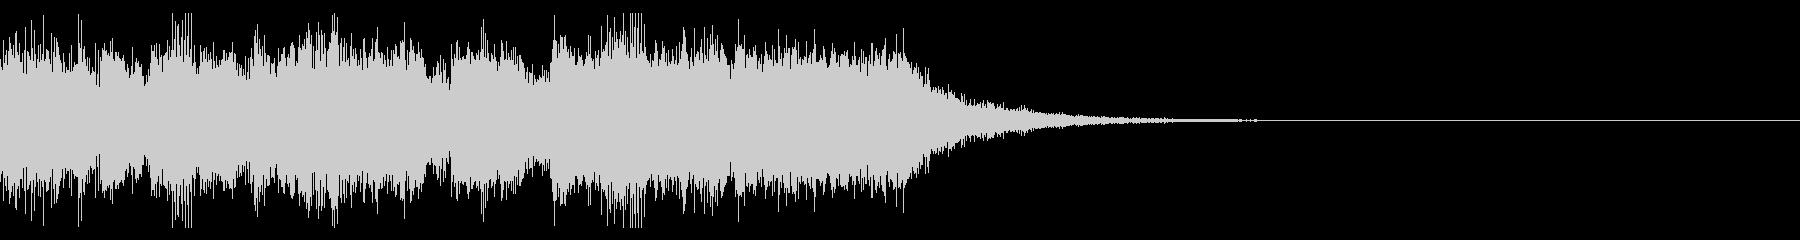 ファンファーレ_02の未再生の波形